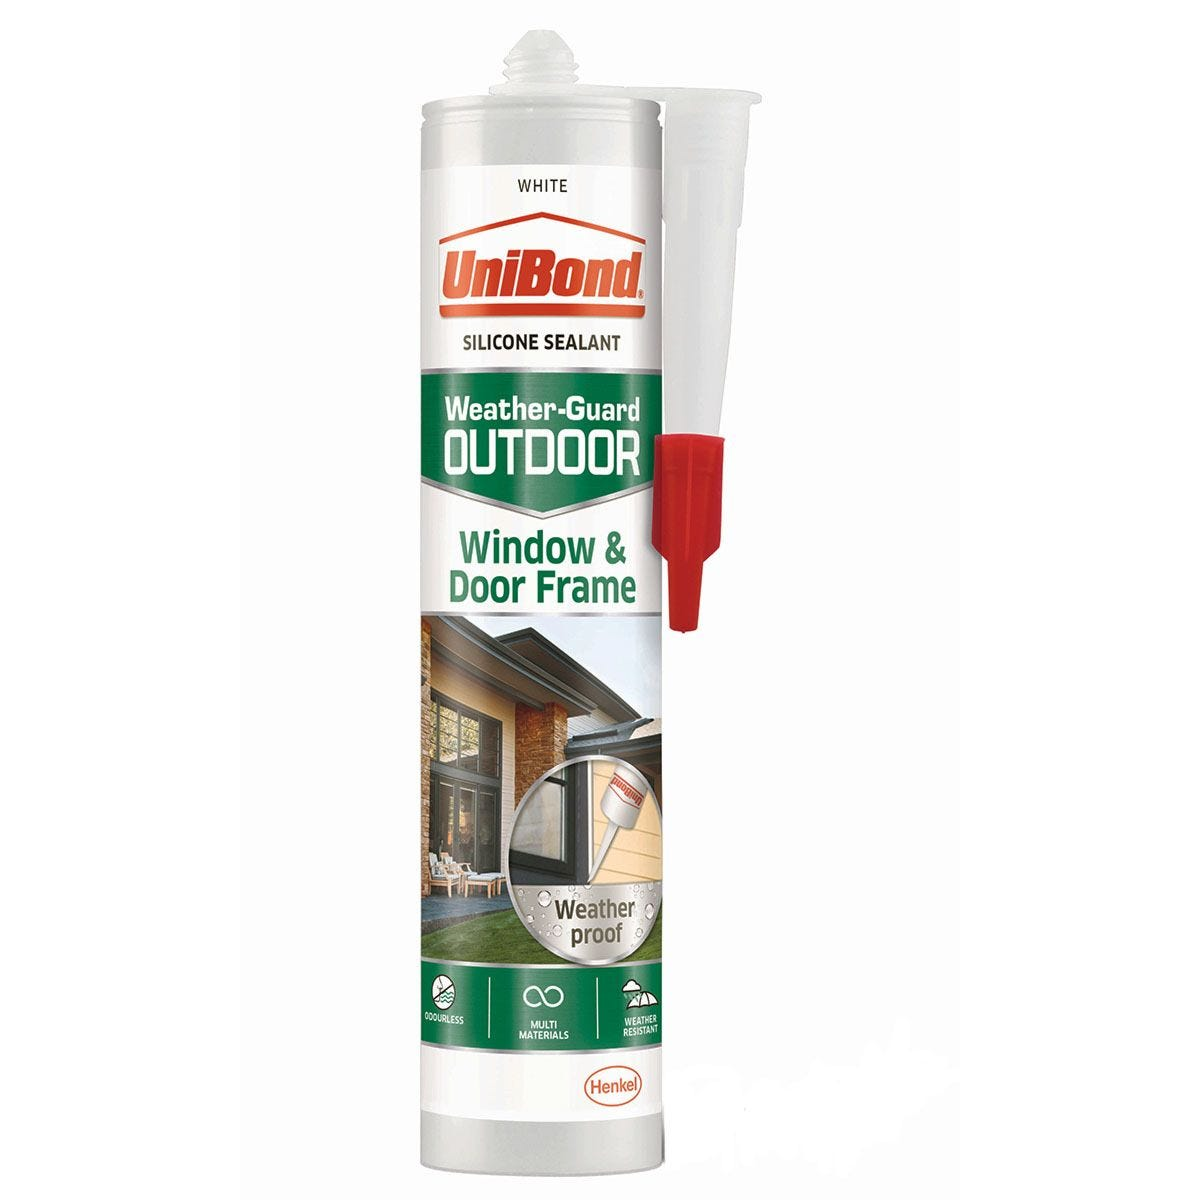 Unibond Window & Door Frame Outdoor Sealant